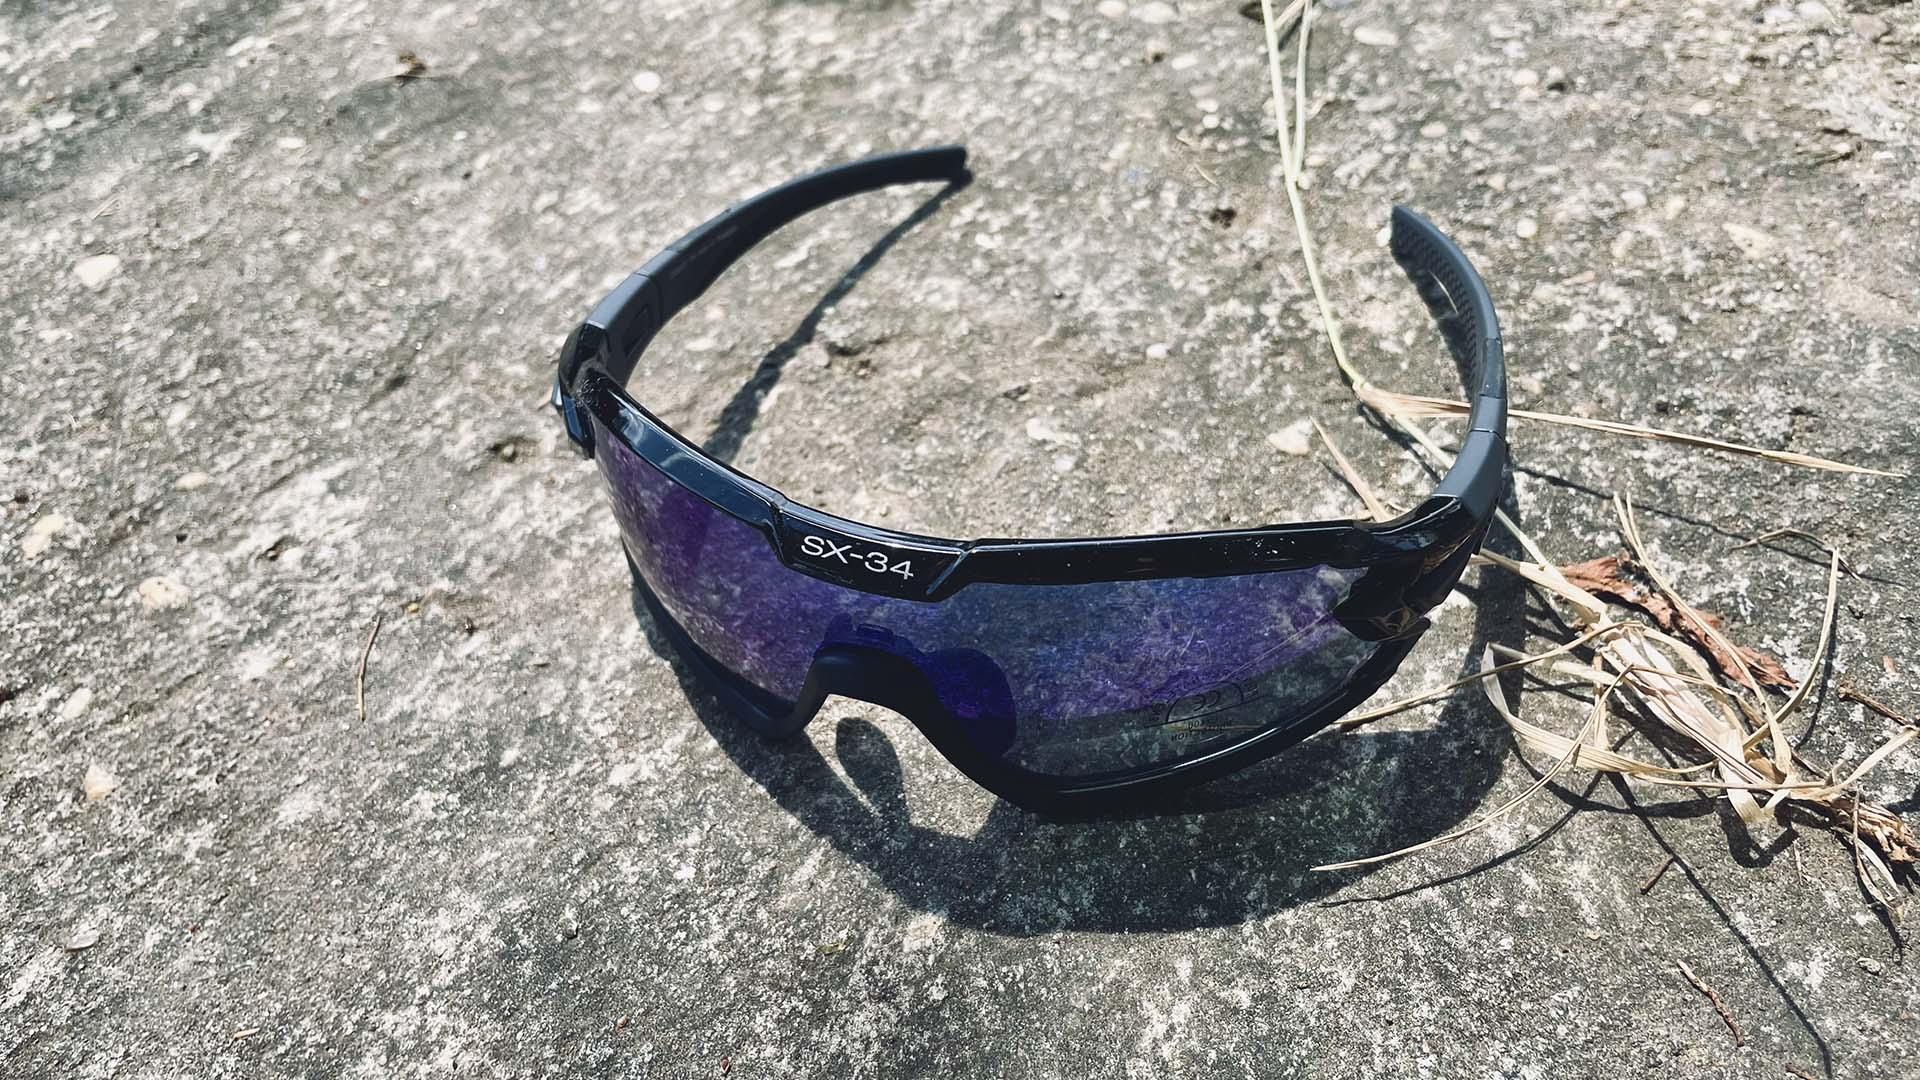 Funkcionális szemüveg sportoláshoz kifejlesztve: Casco SX-34 sportszemüveg-17